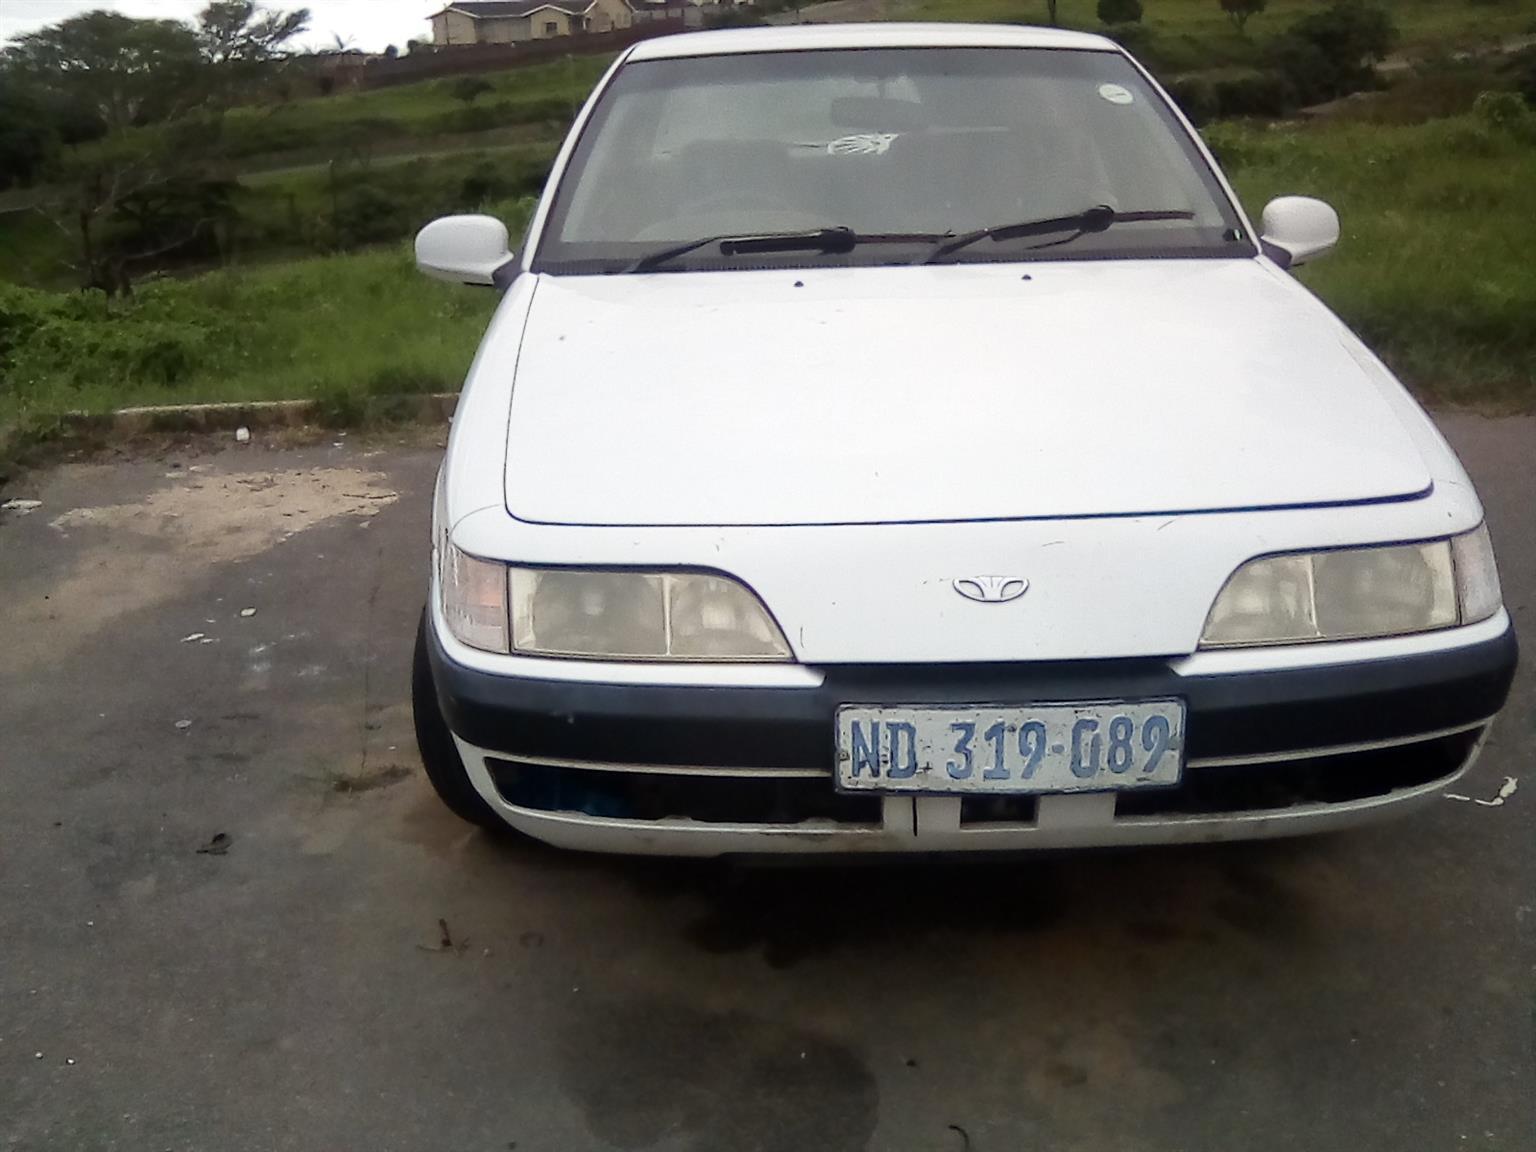 1996 Daewoo Espero